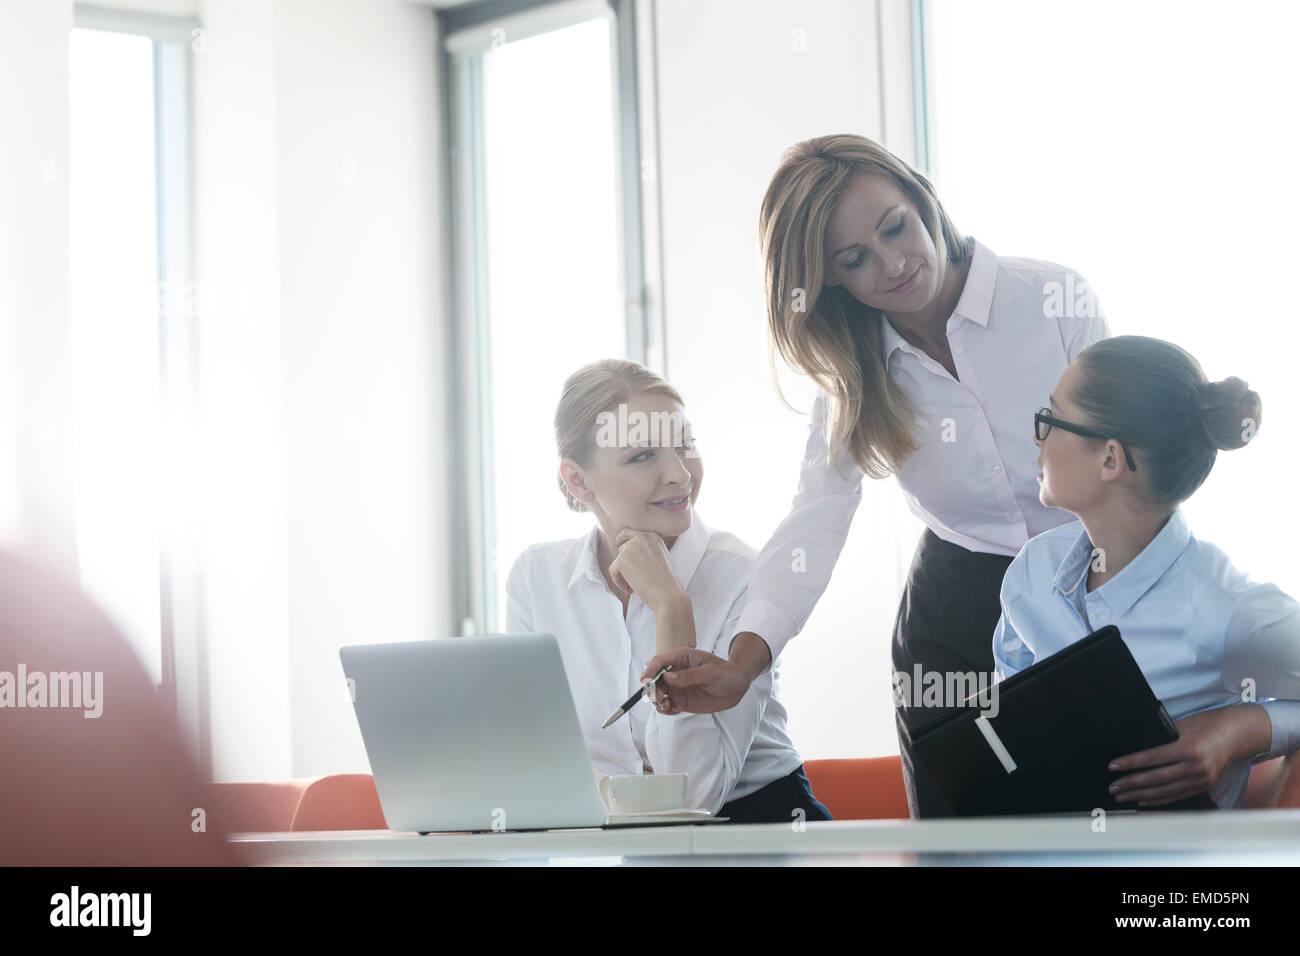 Atelier d'affaires dans l'élaboration de nouvelles idées Photo Stock